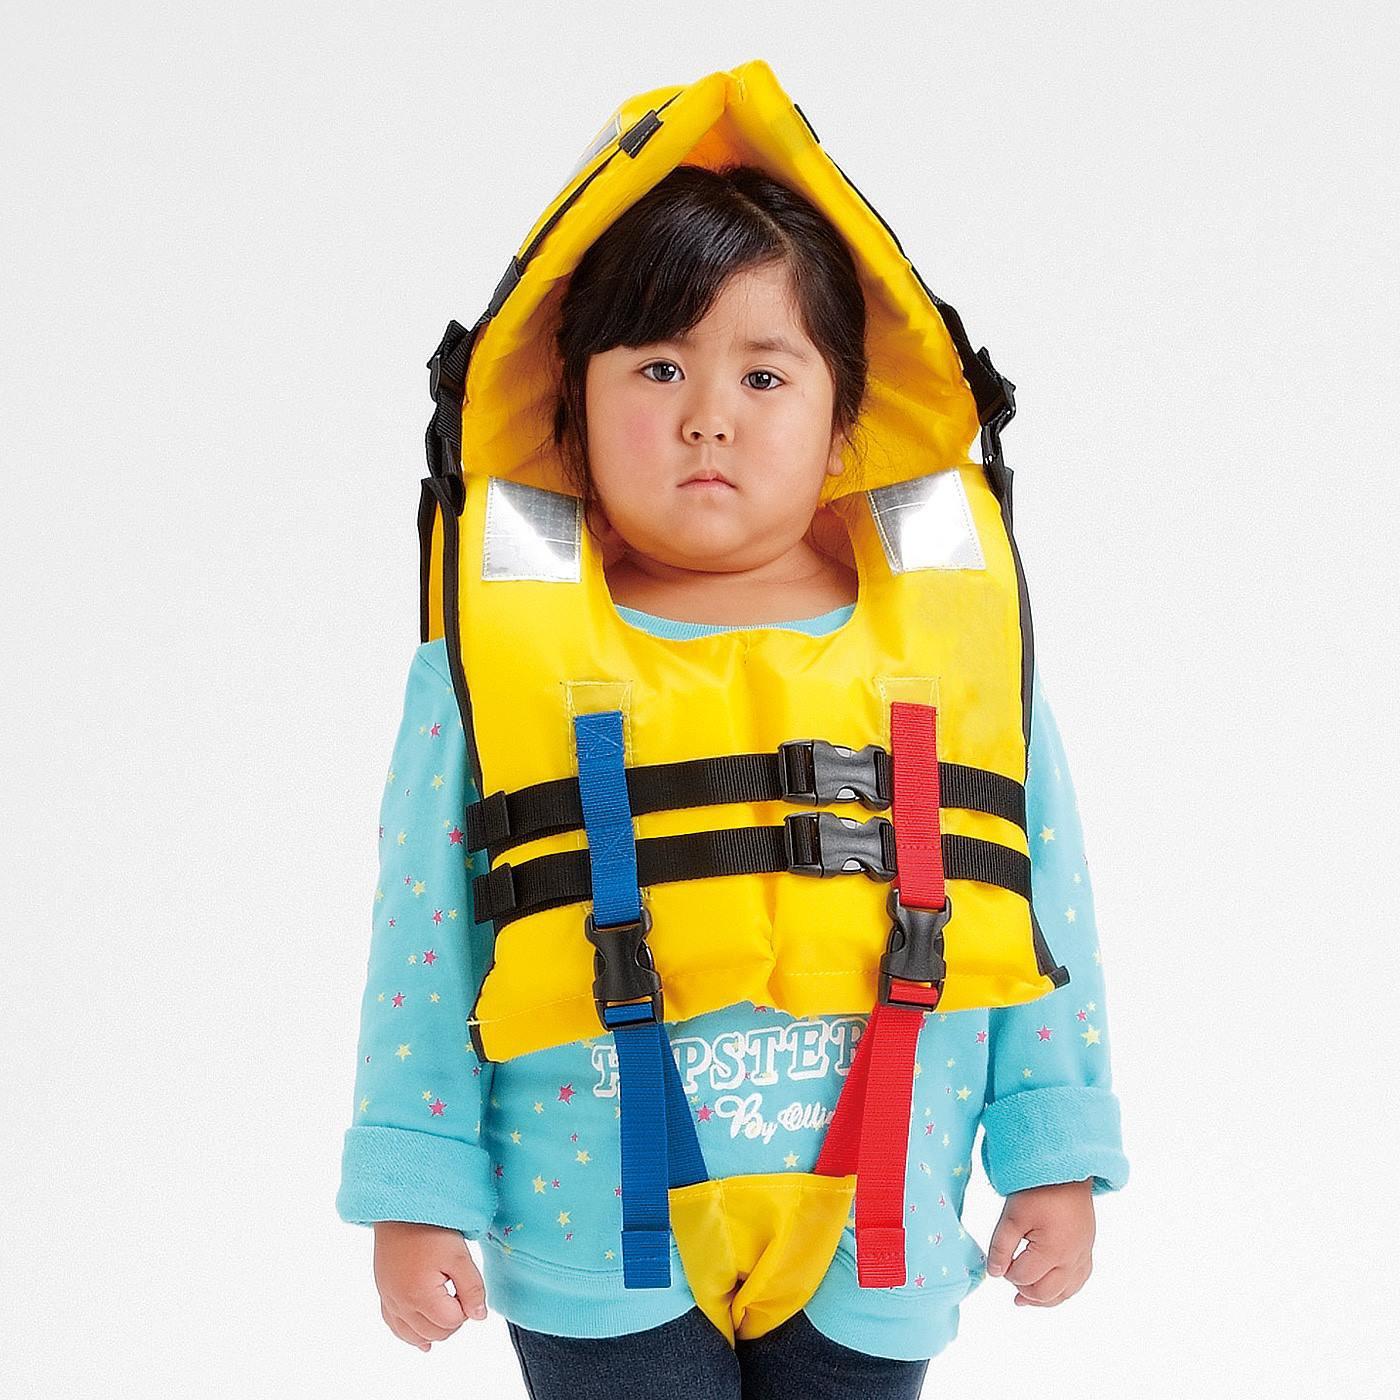 防護頭巾付きで頭もガード 水害対策に備えたい ライフジャケット子ども用S〈90~120cm〉